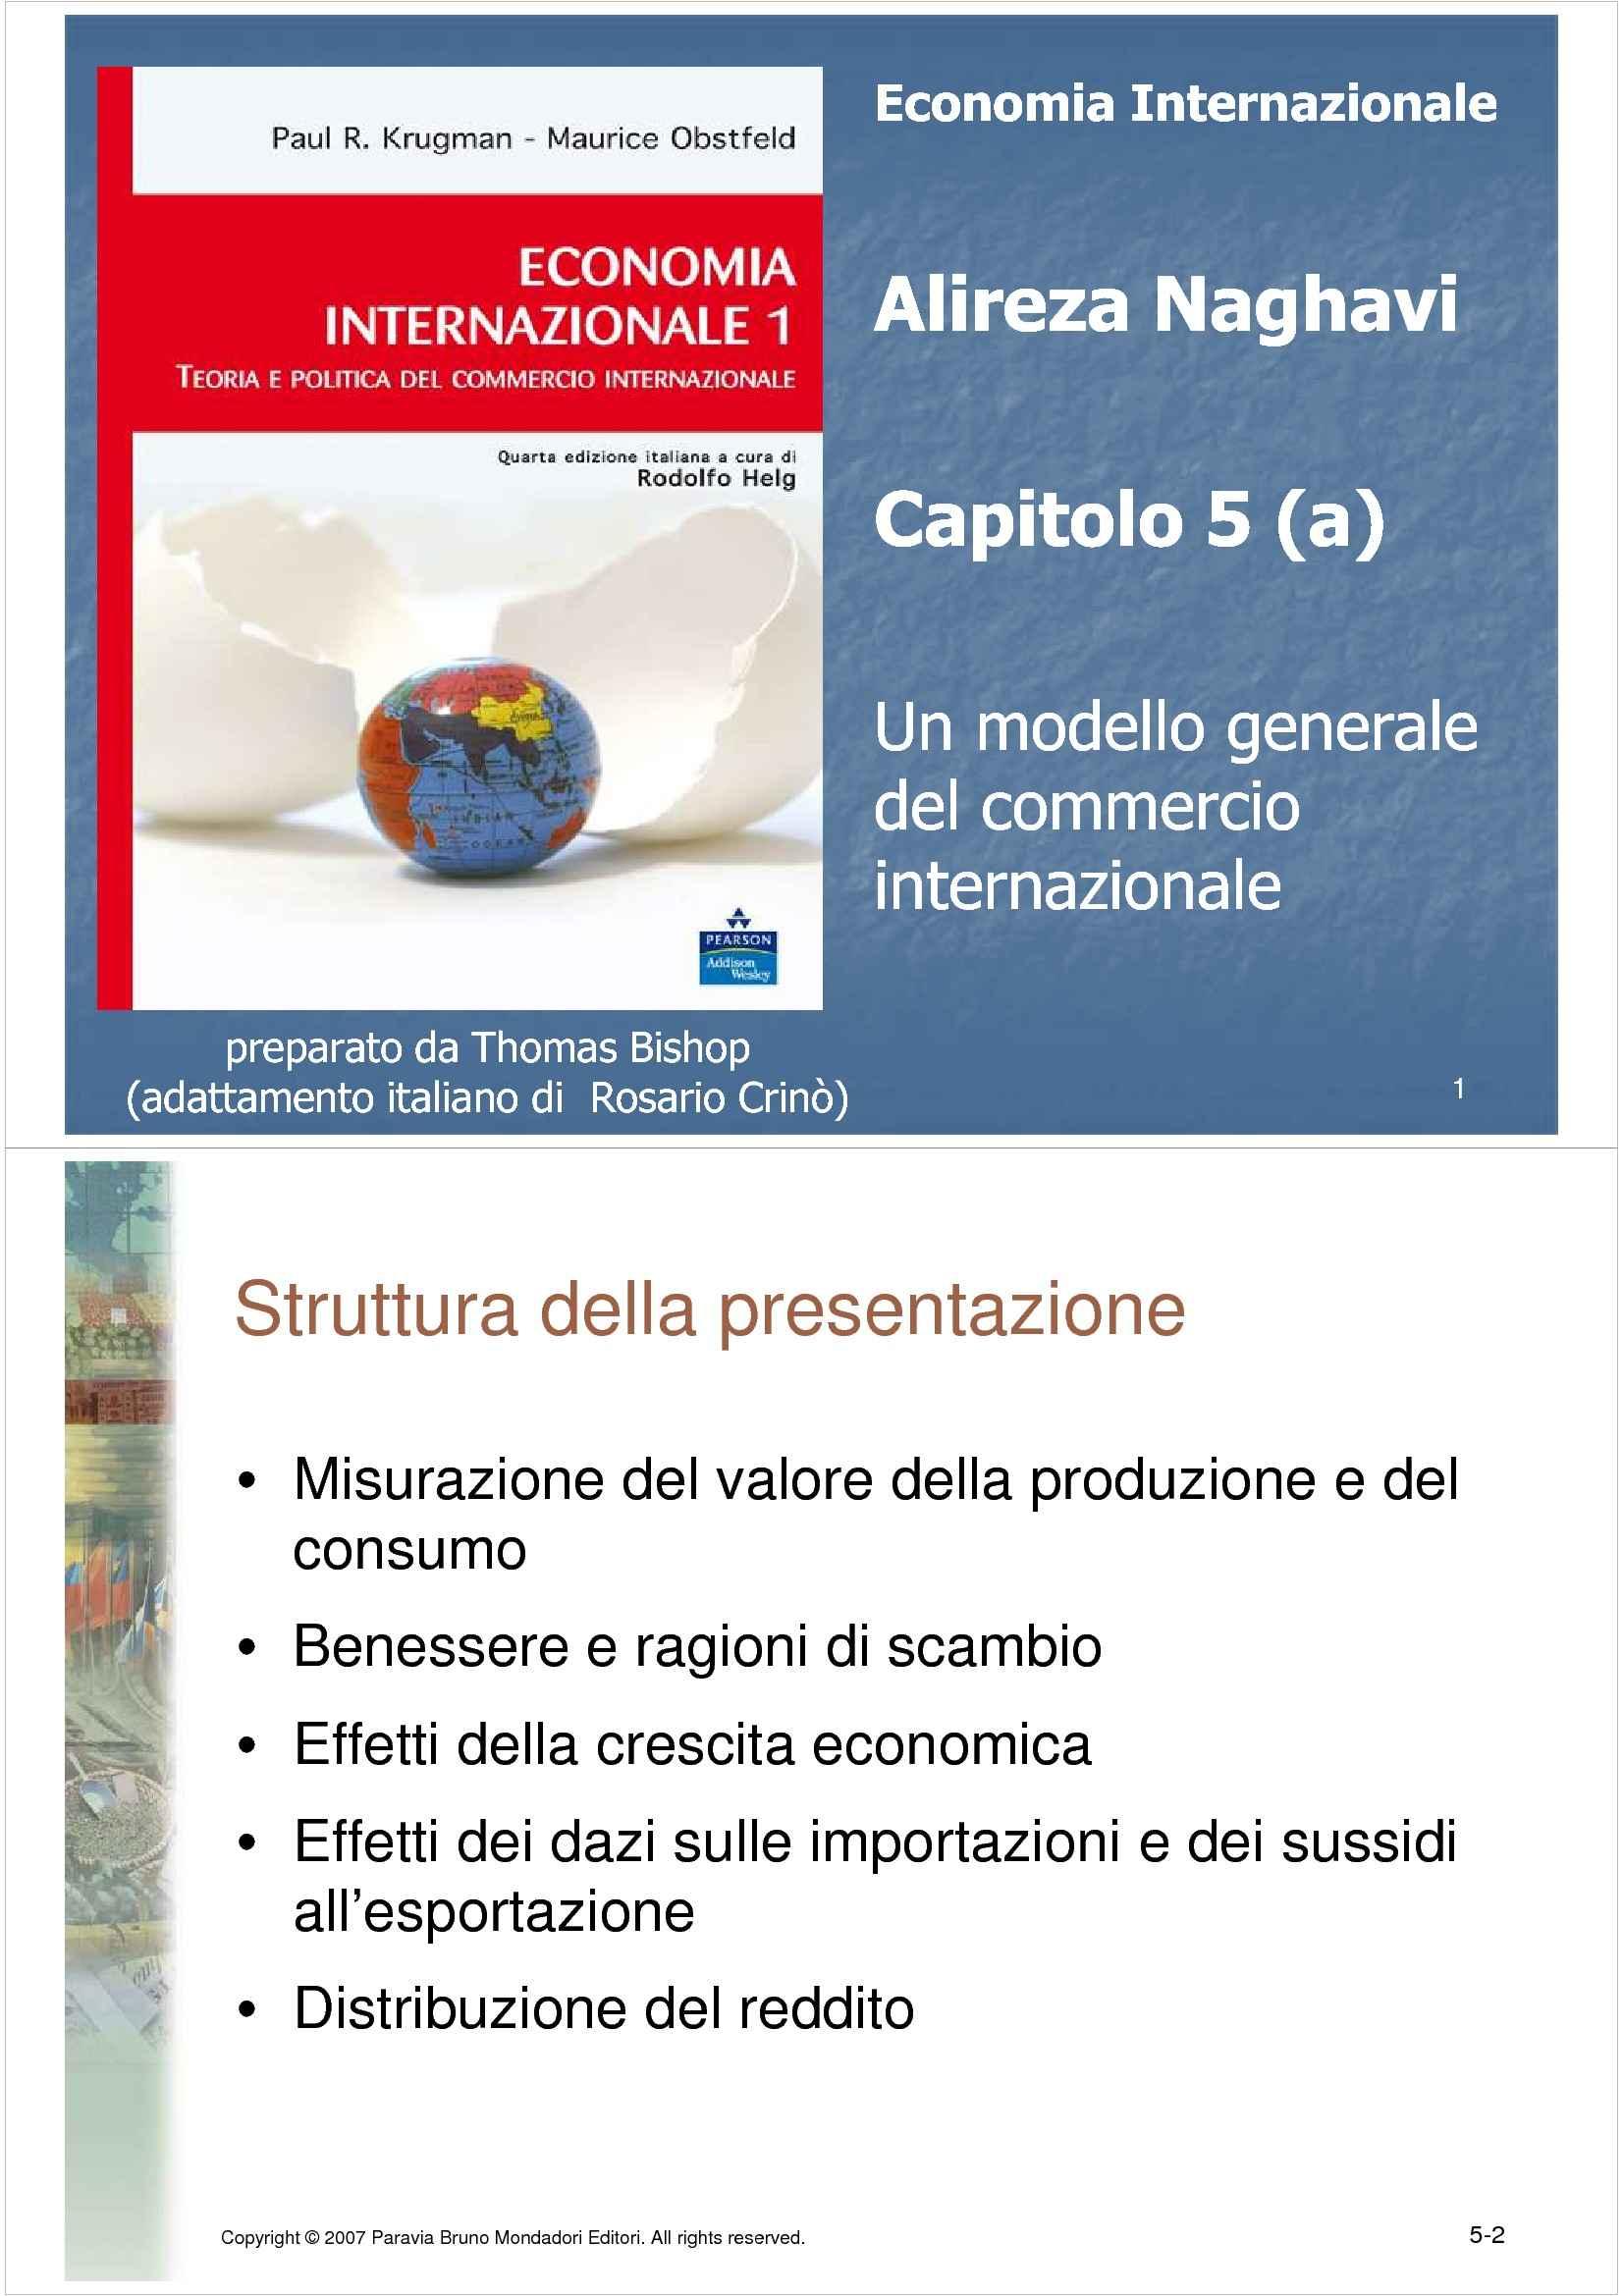 Modello generale del commercio internazionale